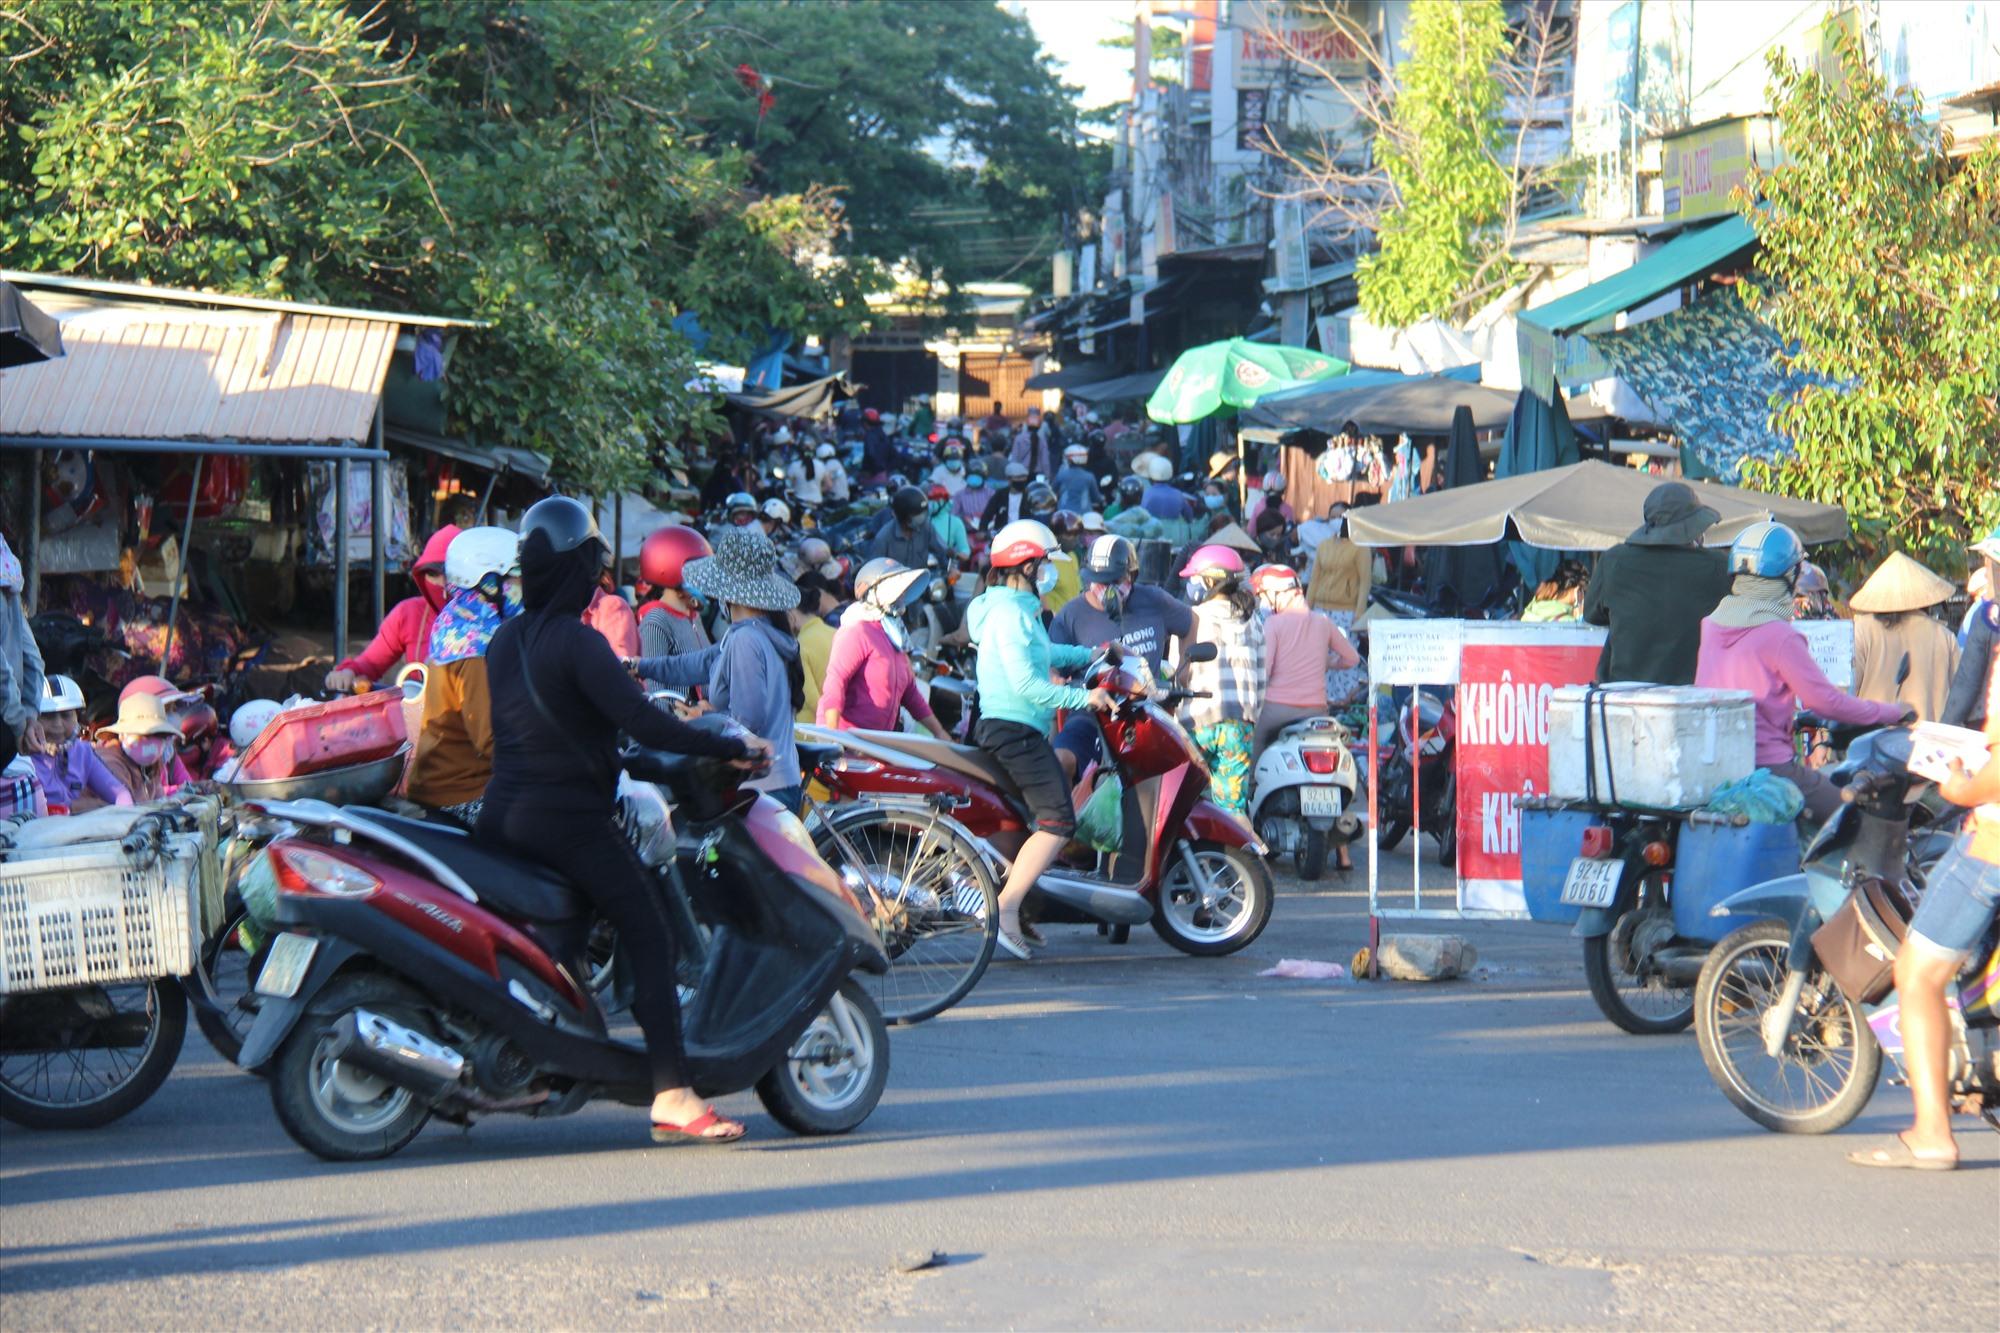 Sáng nay một số khu vực chợ Tam Kỳ vẫn đông người dân đến mua bán. Ảnh: THANH THẮNG